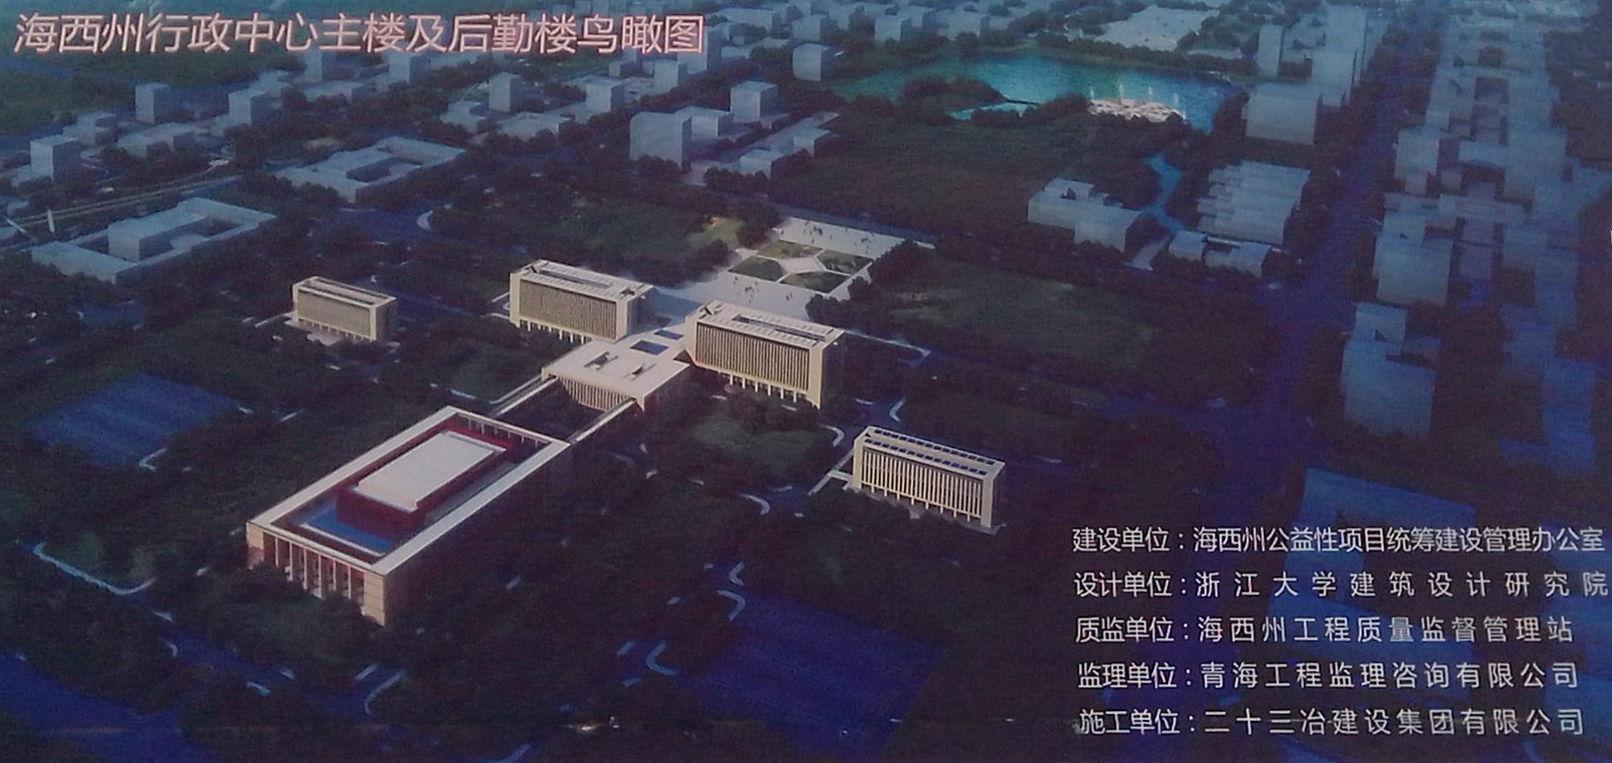 傲华尔公司中标青海省海西州行政中心、会议中心楼控系统工程项目